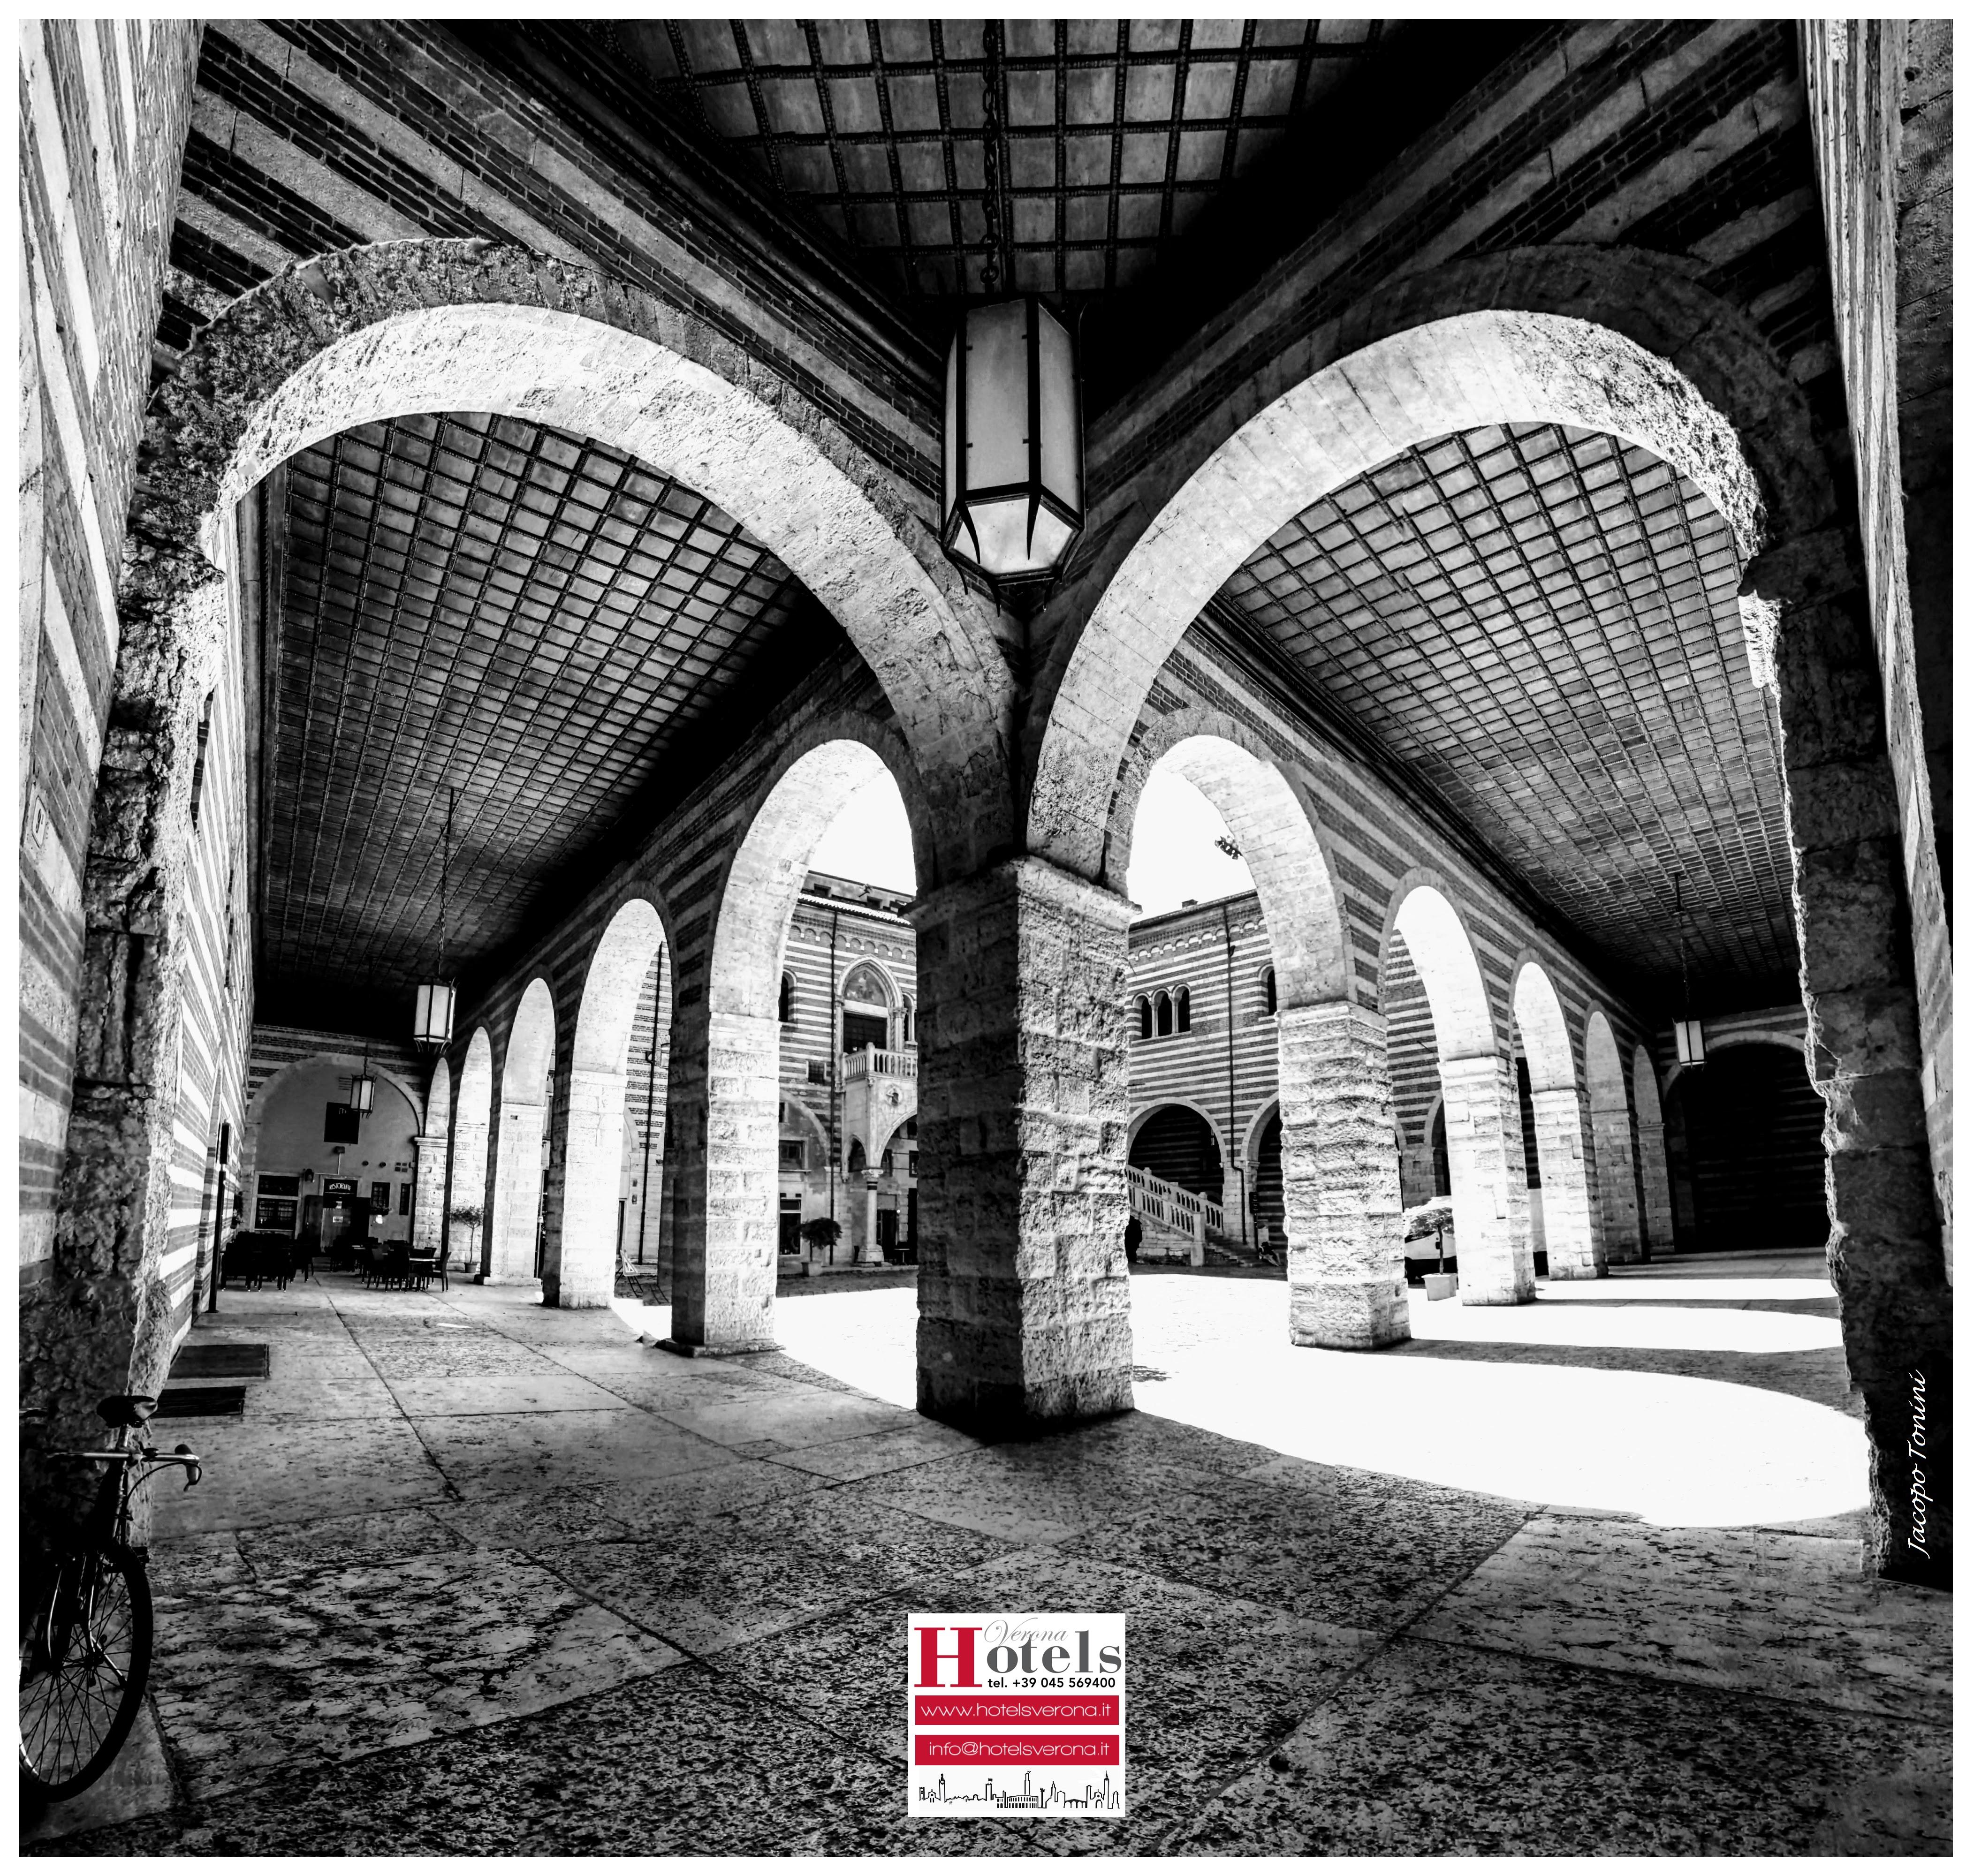 Visitare Verona adesso: un'occasione da non perdere!